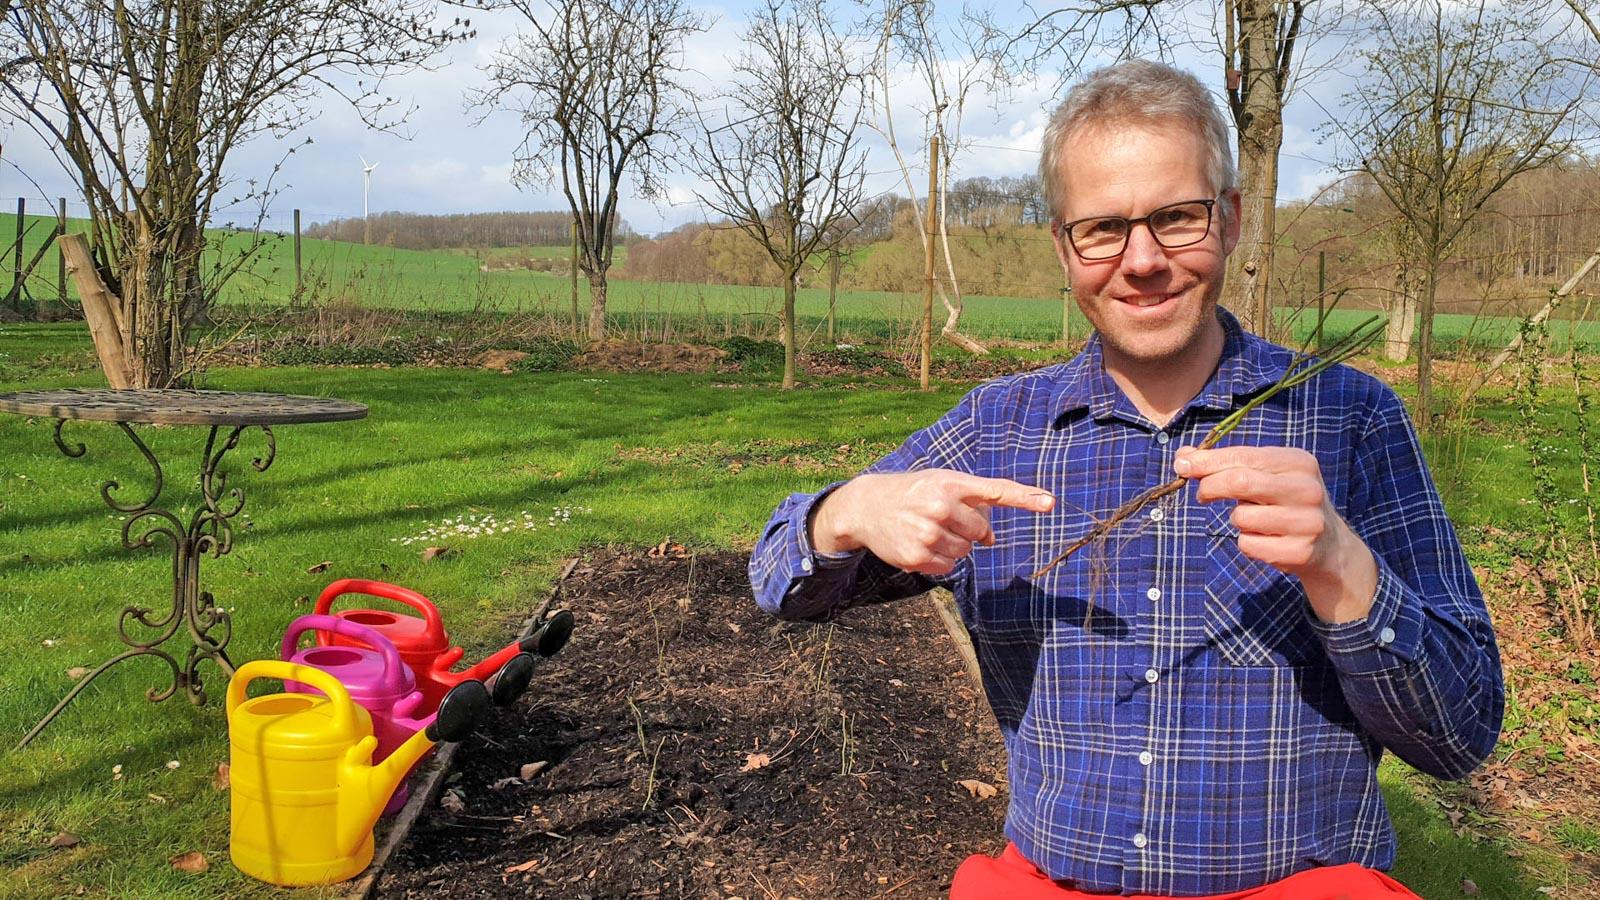 Gartenberater Philippe Dahlmann mit einer Veredelungsunterlage in der Hand vor einem Beet